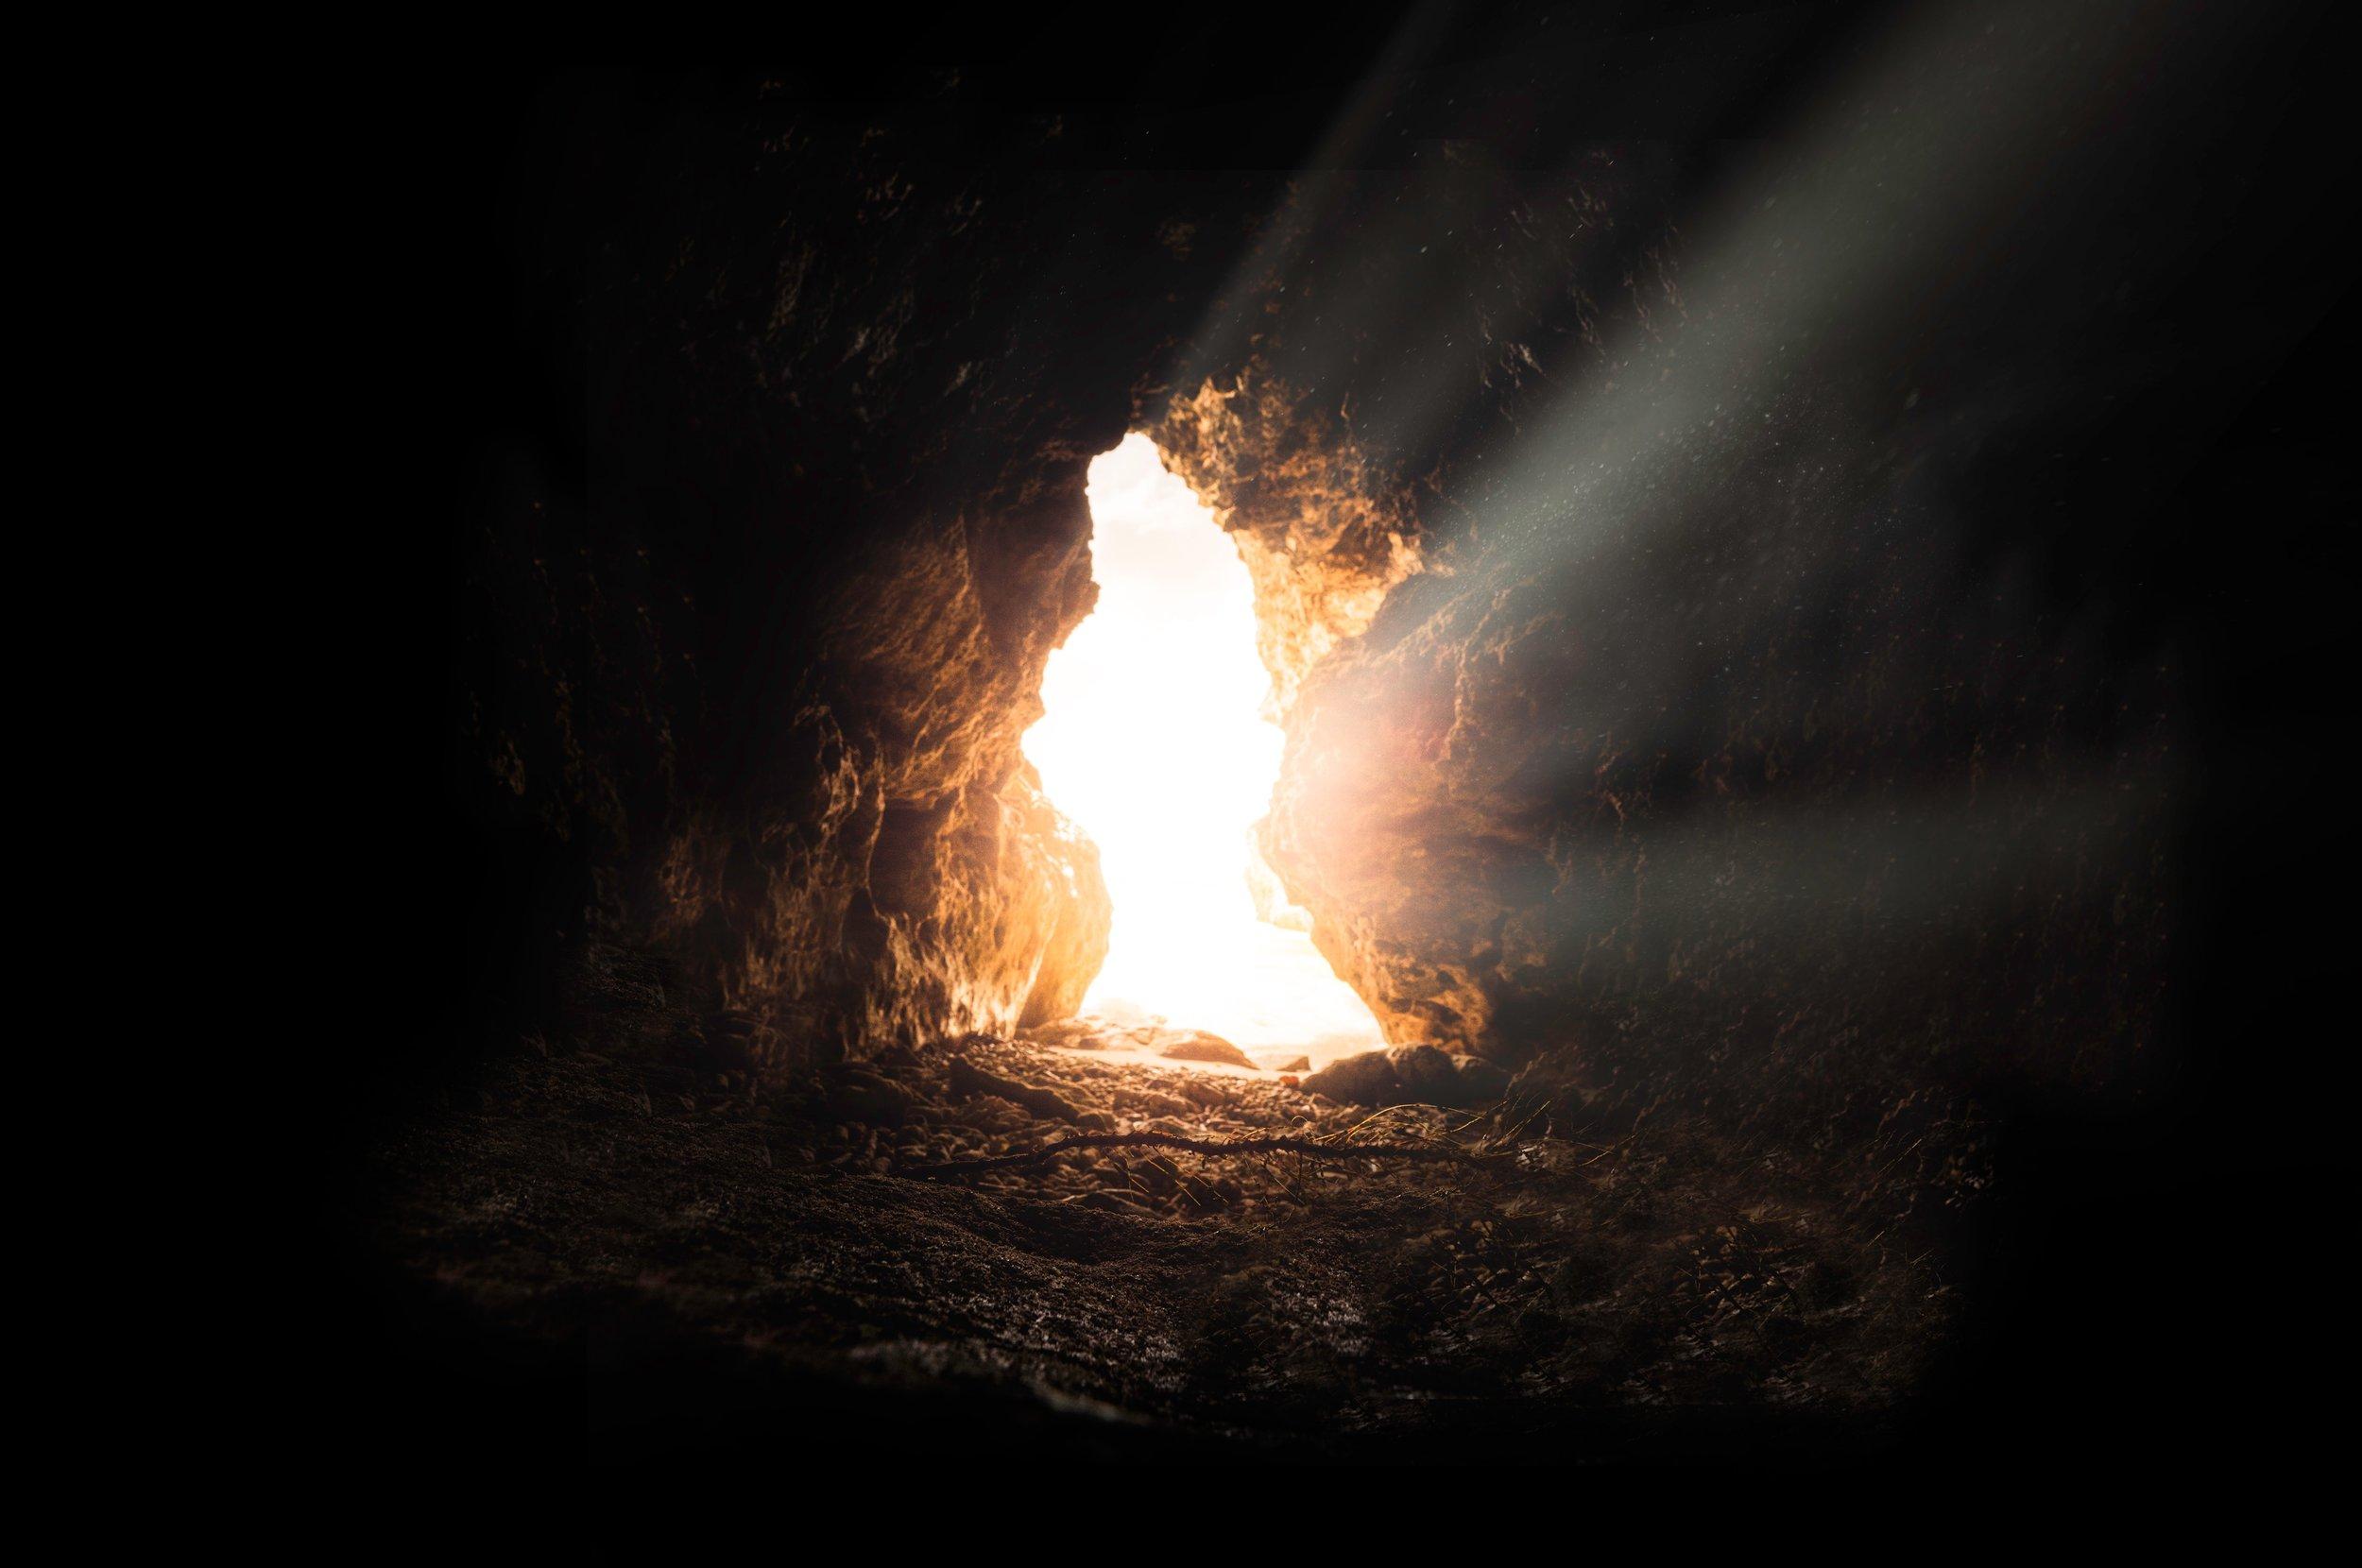 A photograph of light shining through a cave entrance